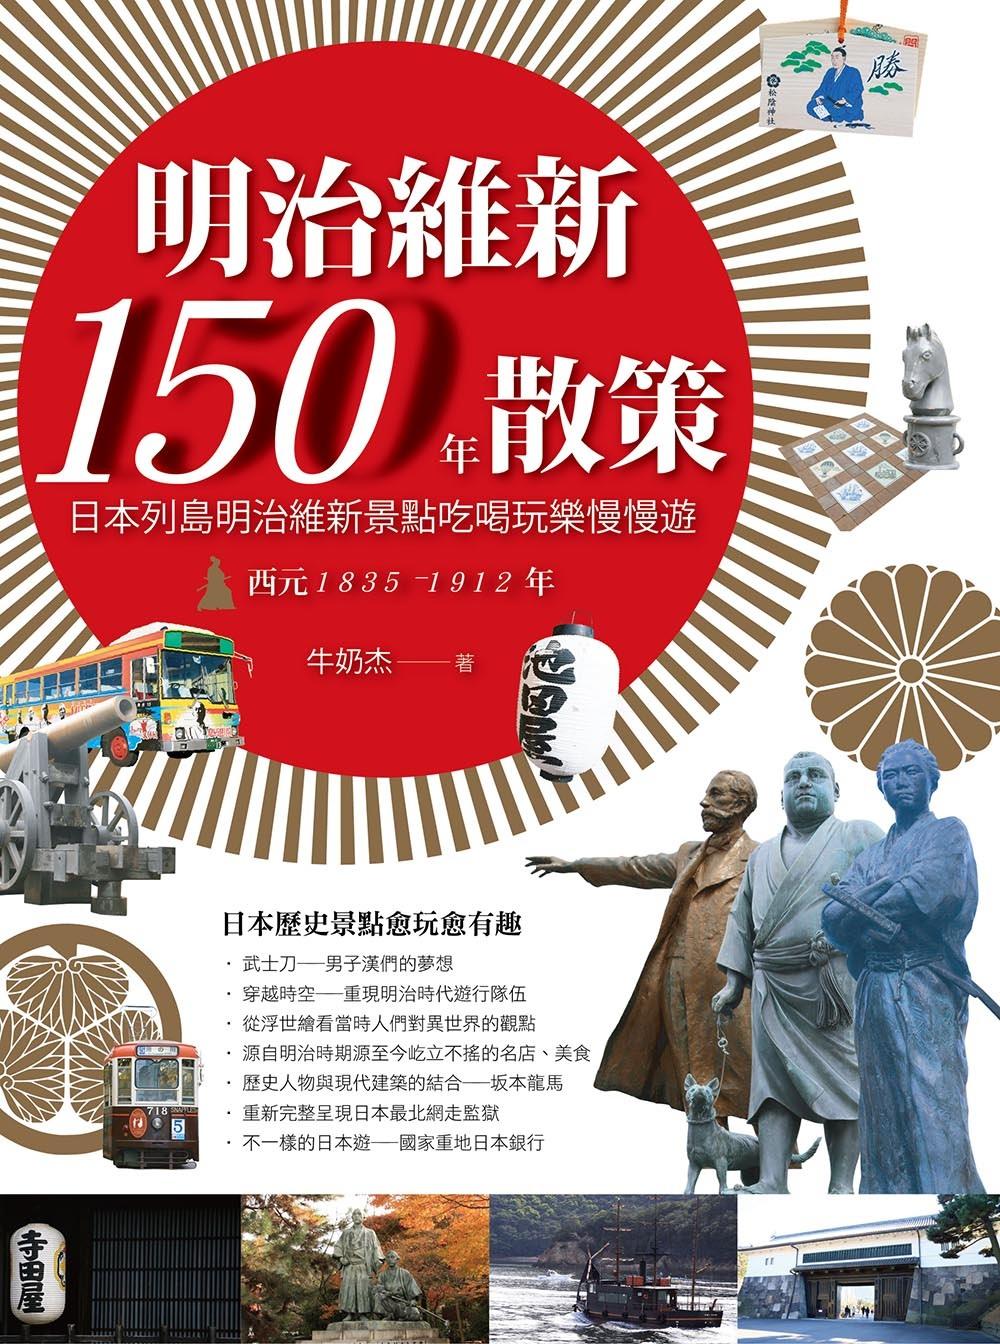 明治維新150年散策:日本列島明治維新景點吃喝玩樂慢慢遊 西元1835-1912年